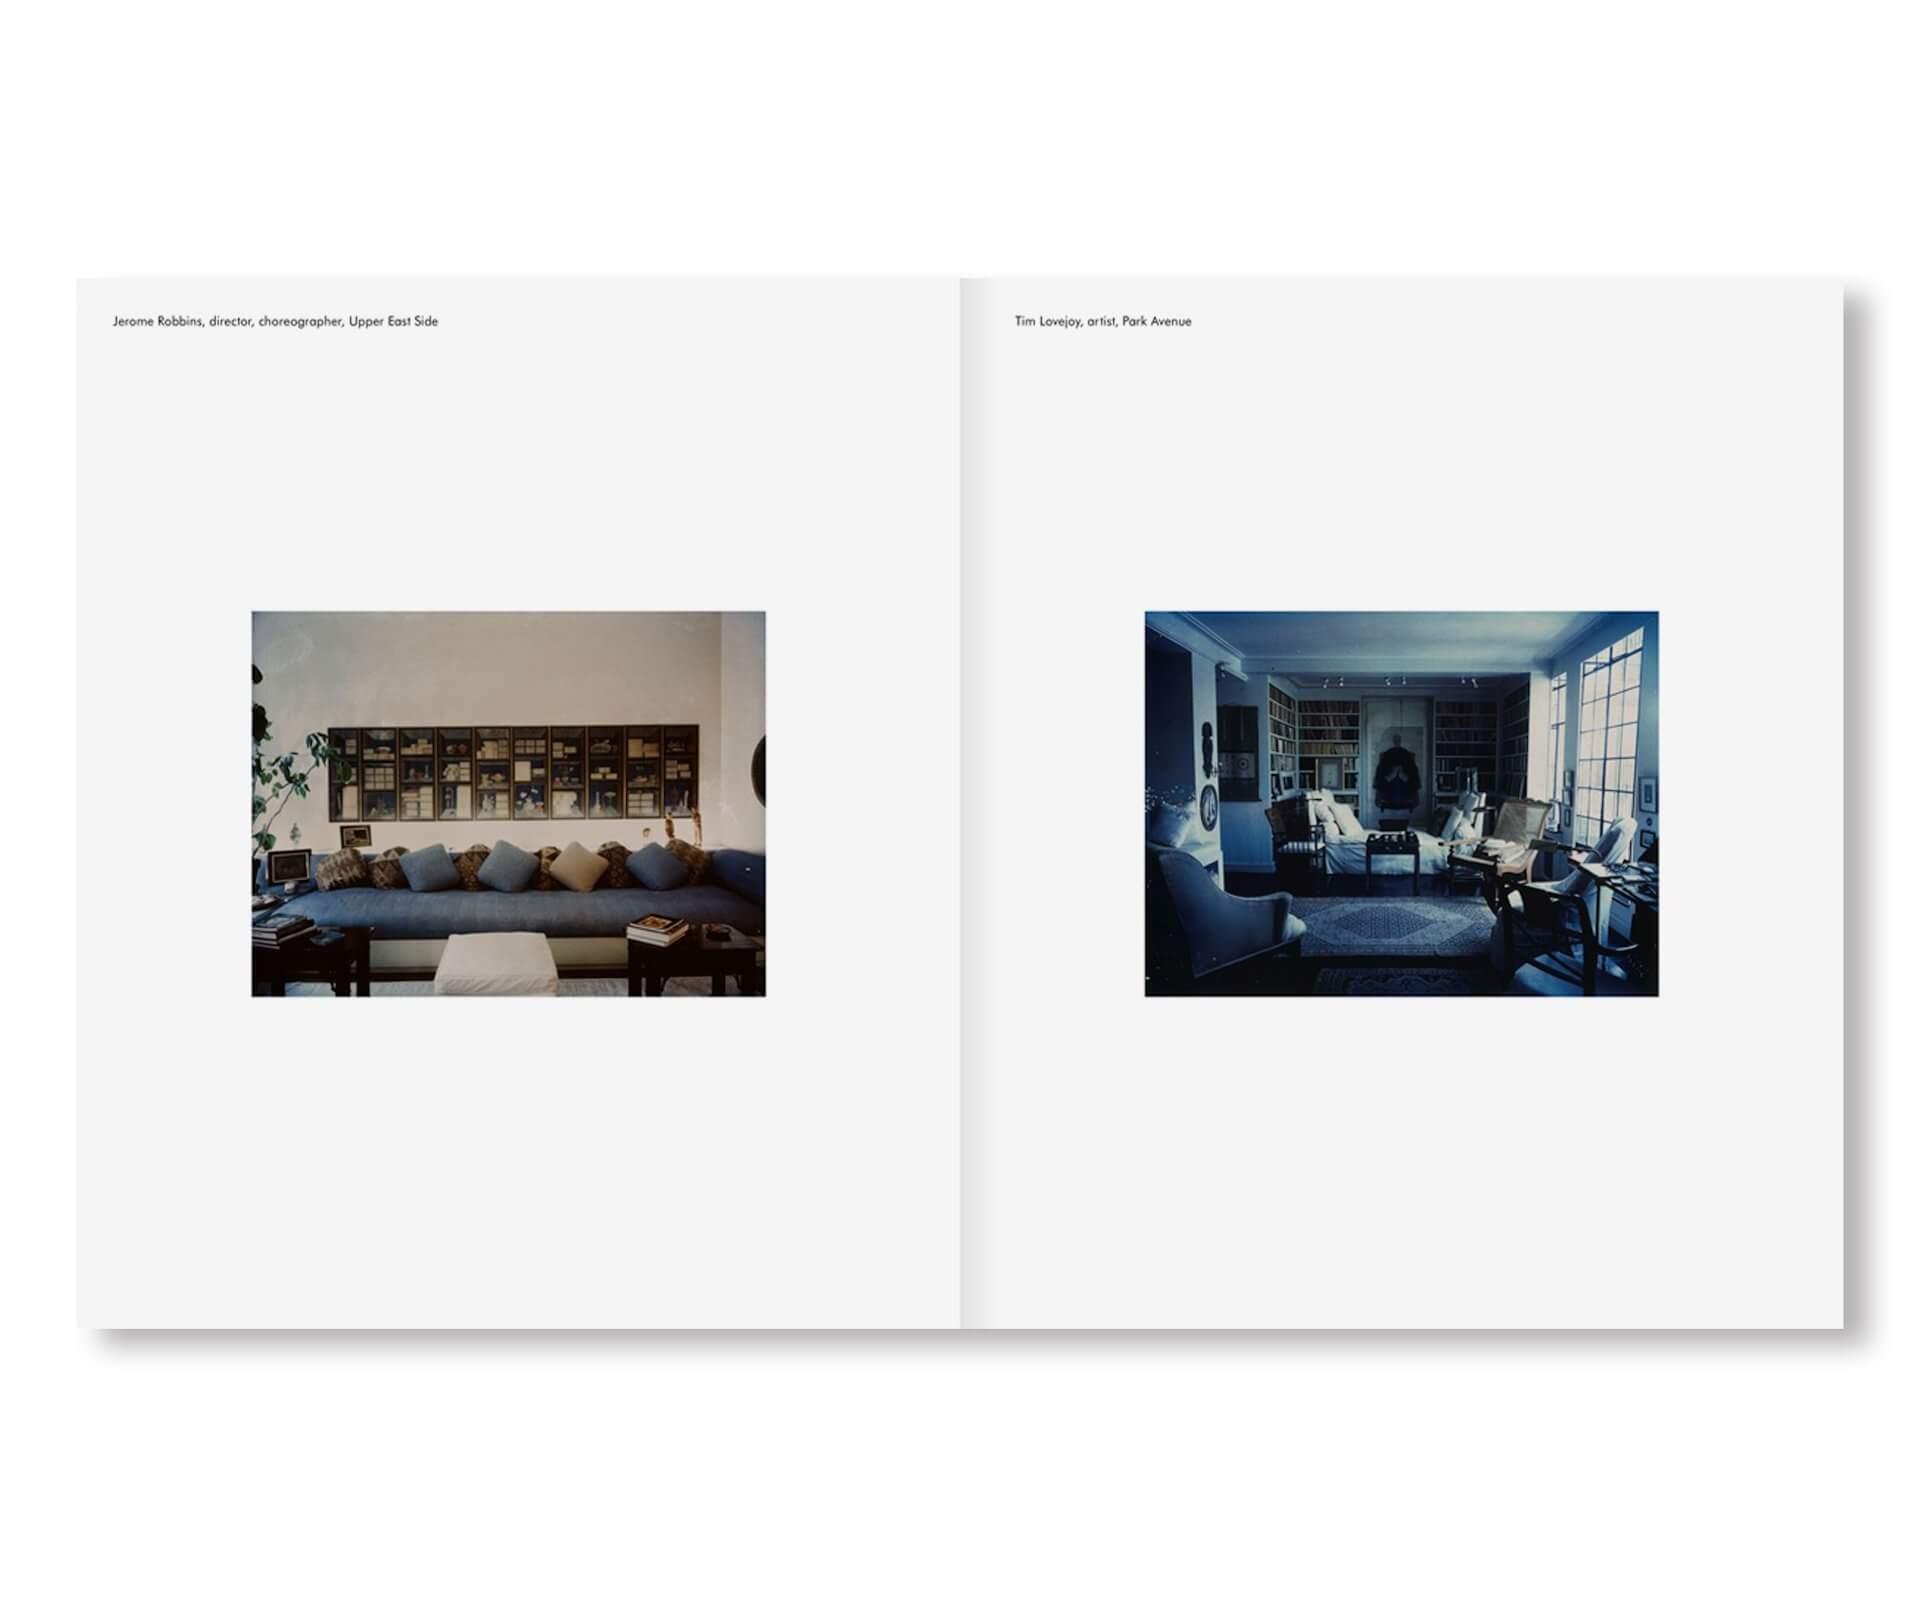 アートブックノススメ|Qetic編集部が選ぶ5冊/Roni Ahn 他 column210916_artbook-09